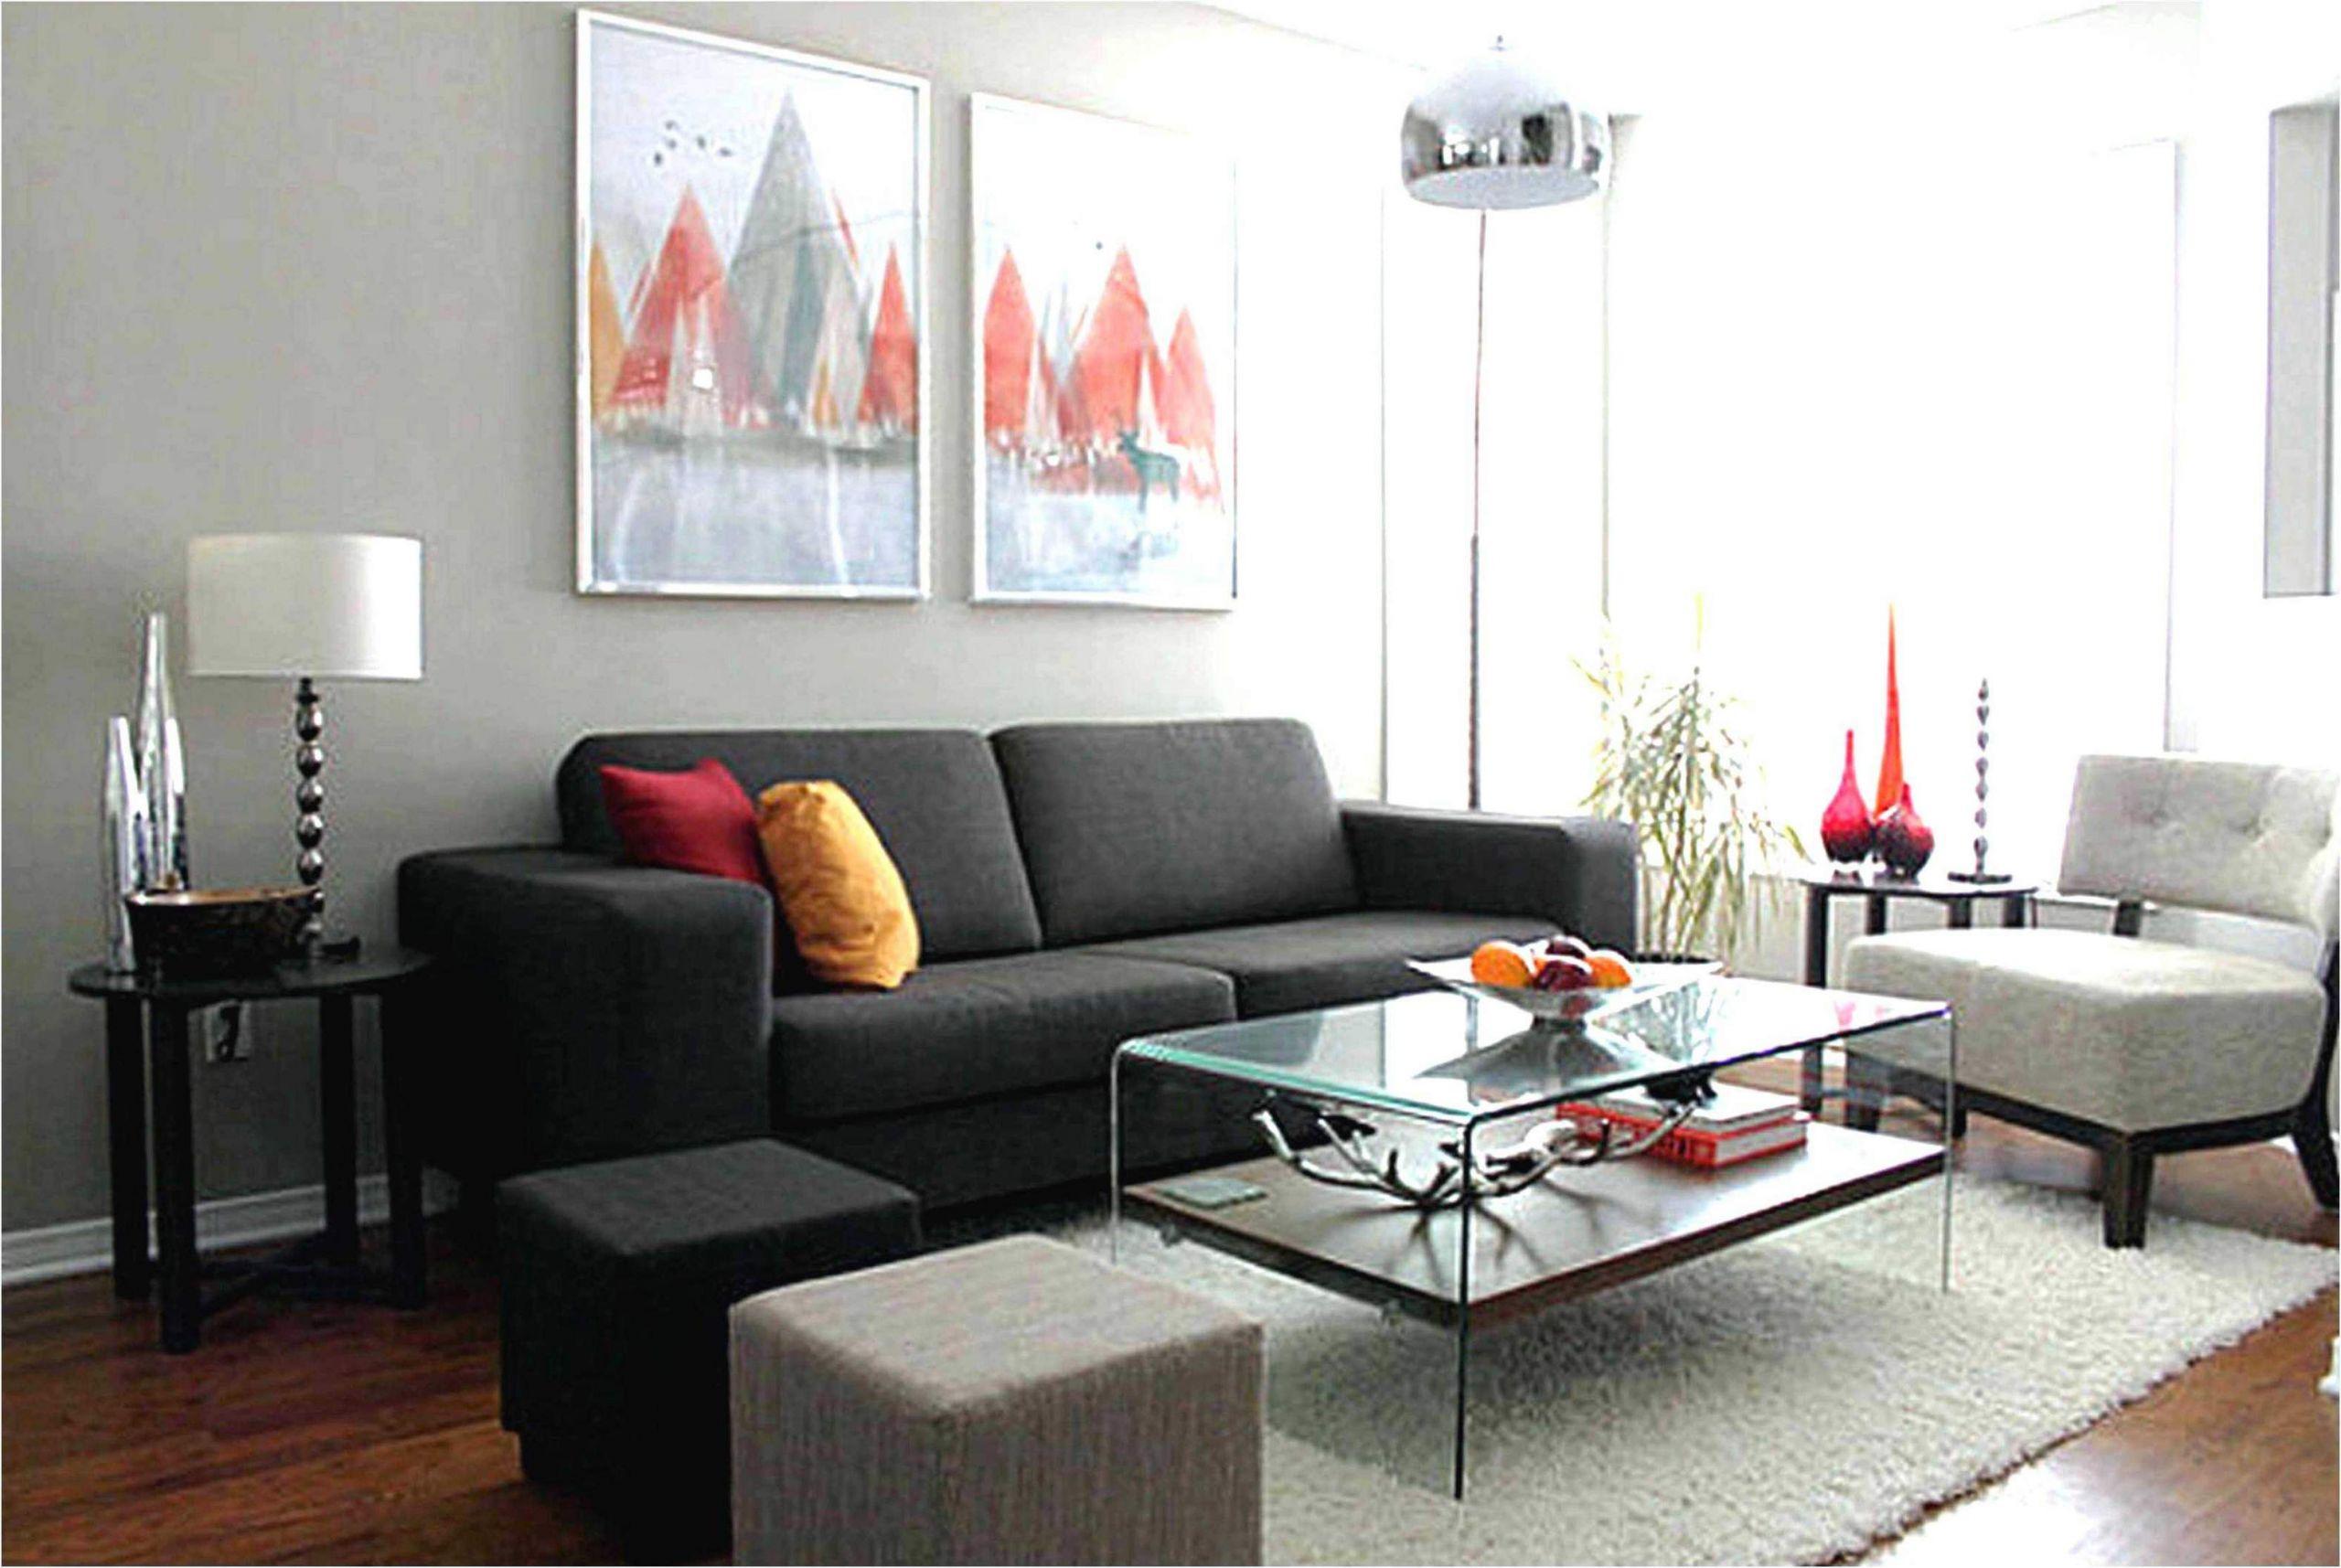 frisch 27 von wohnzimmer ideen fur kleine raume hauptideen pflanzen fur wohnzimmer pflanzen fur wohnzimmer 2